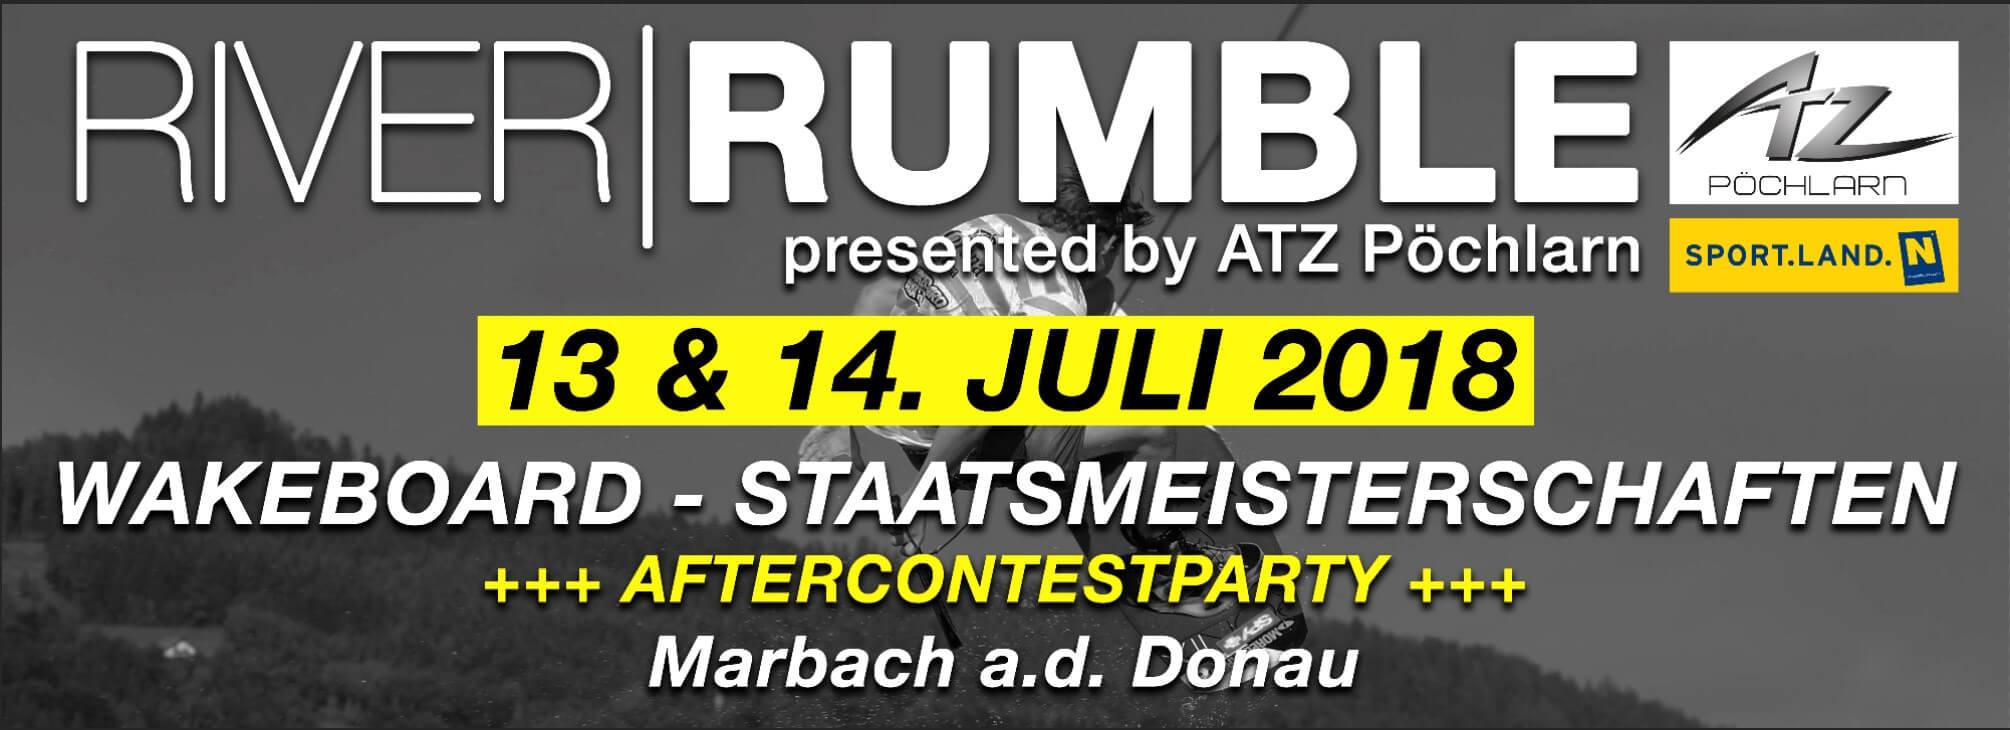 River Rumble -13. bis 14. Juli 2018